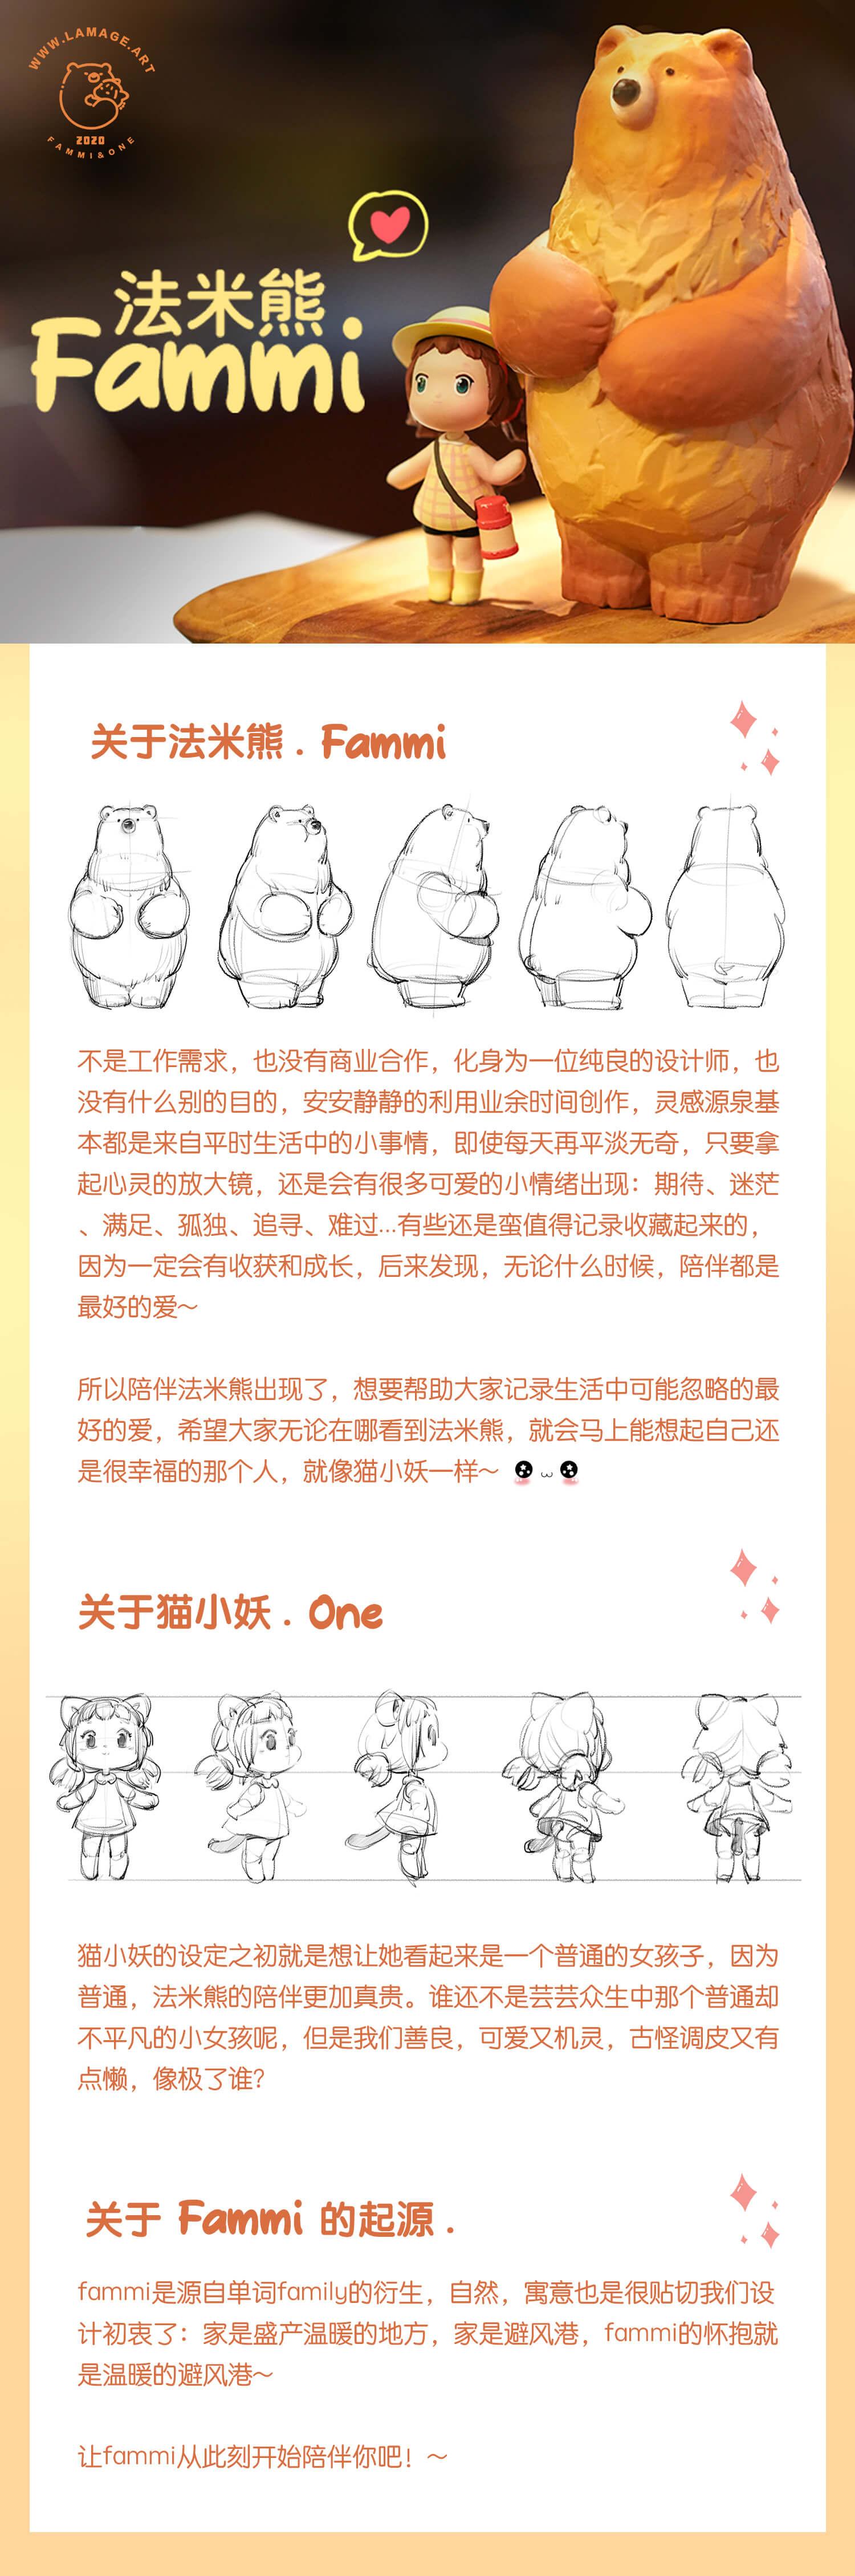 法米熊简介的副本.jpg